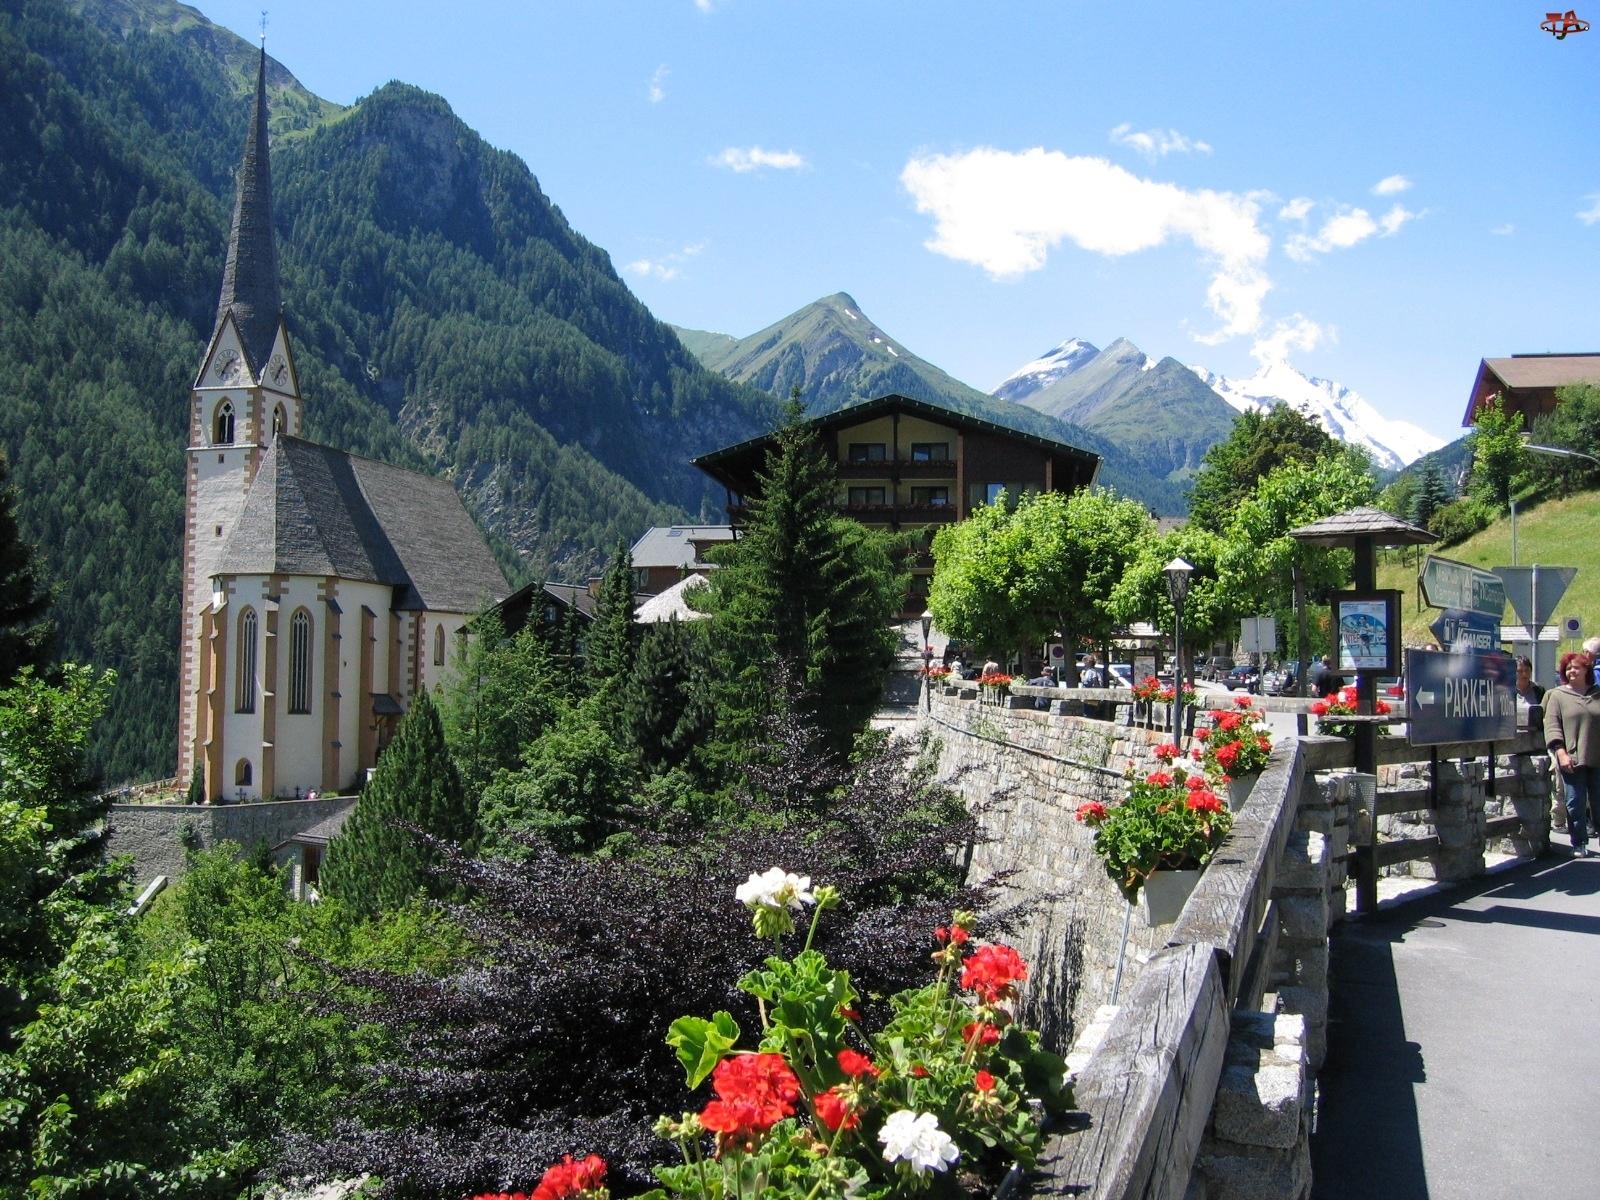 Domy, Skrzynki, Góry, Pelargonie, Wioska, Kościół